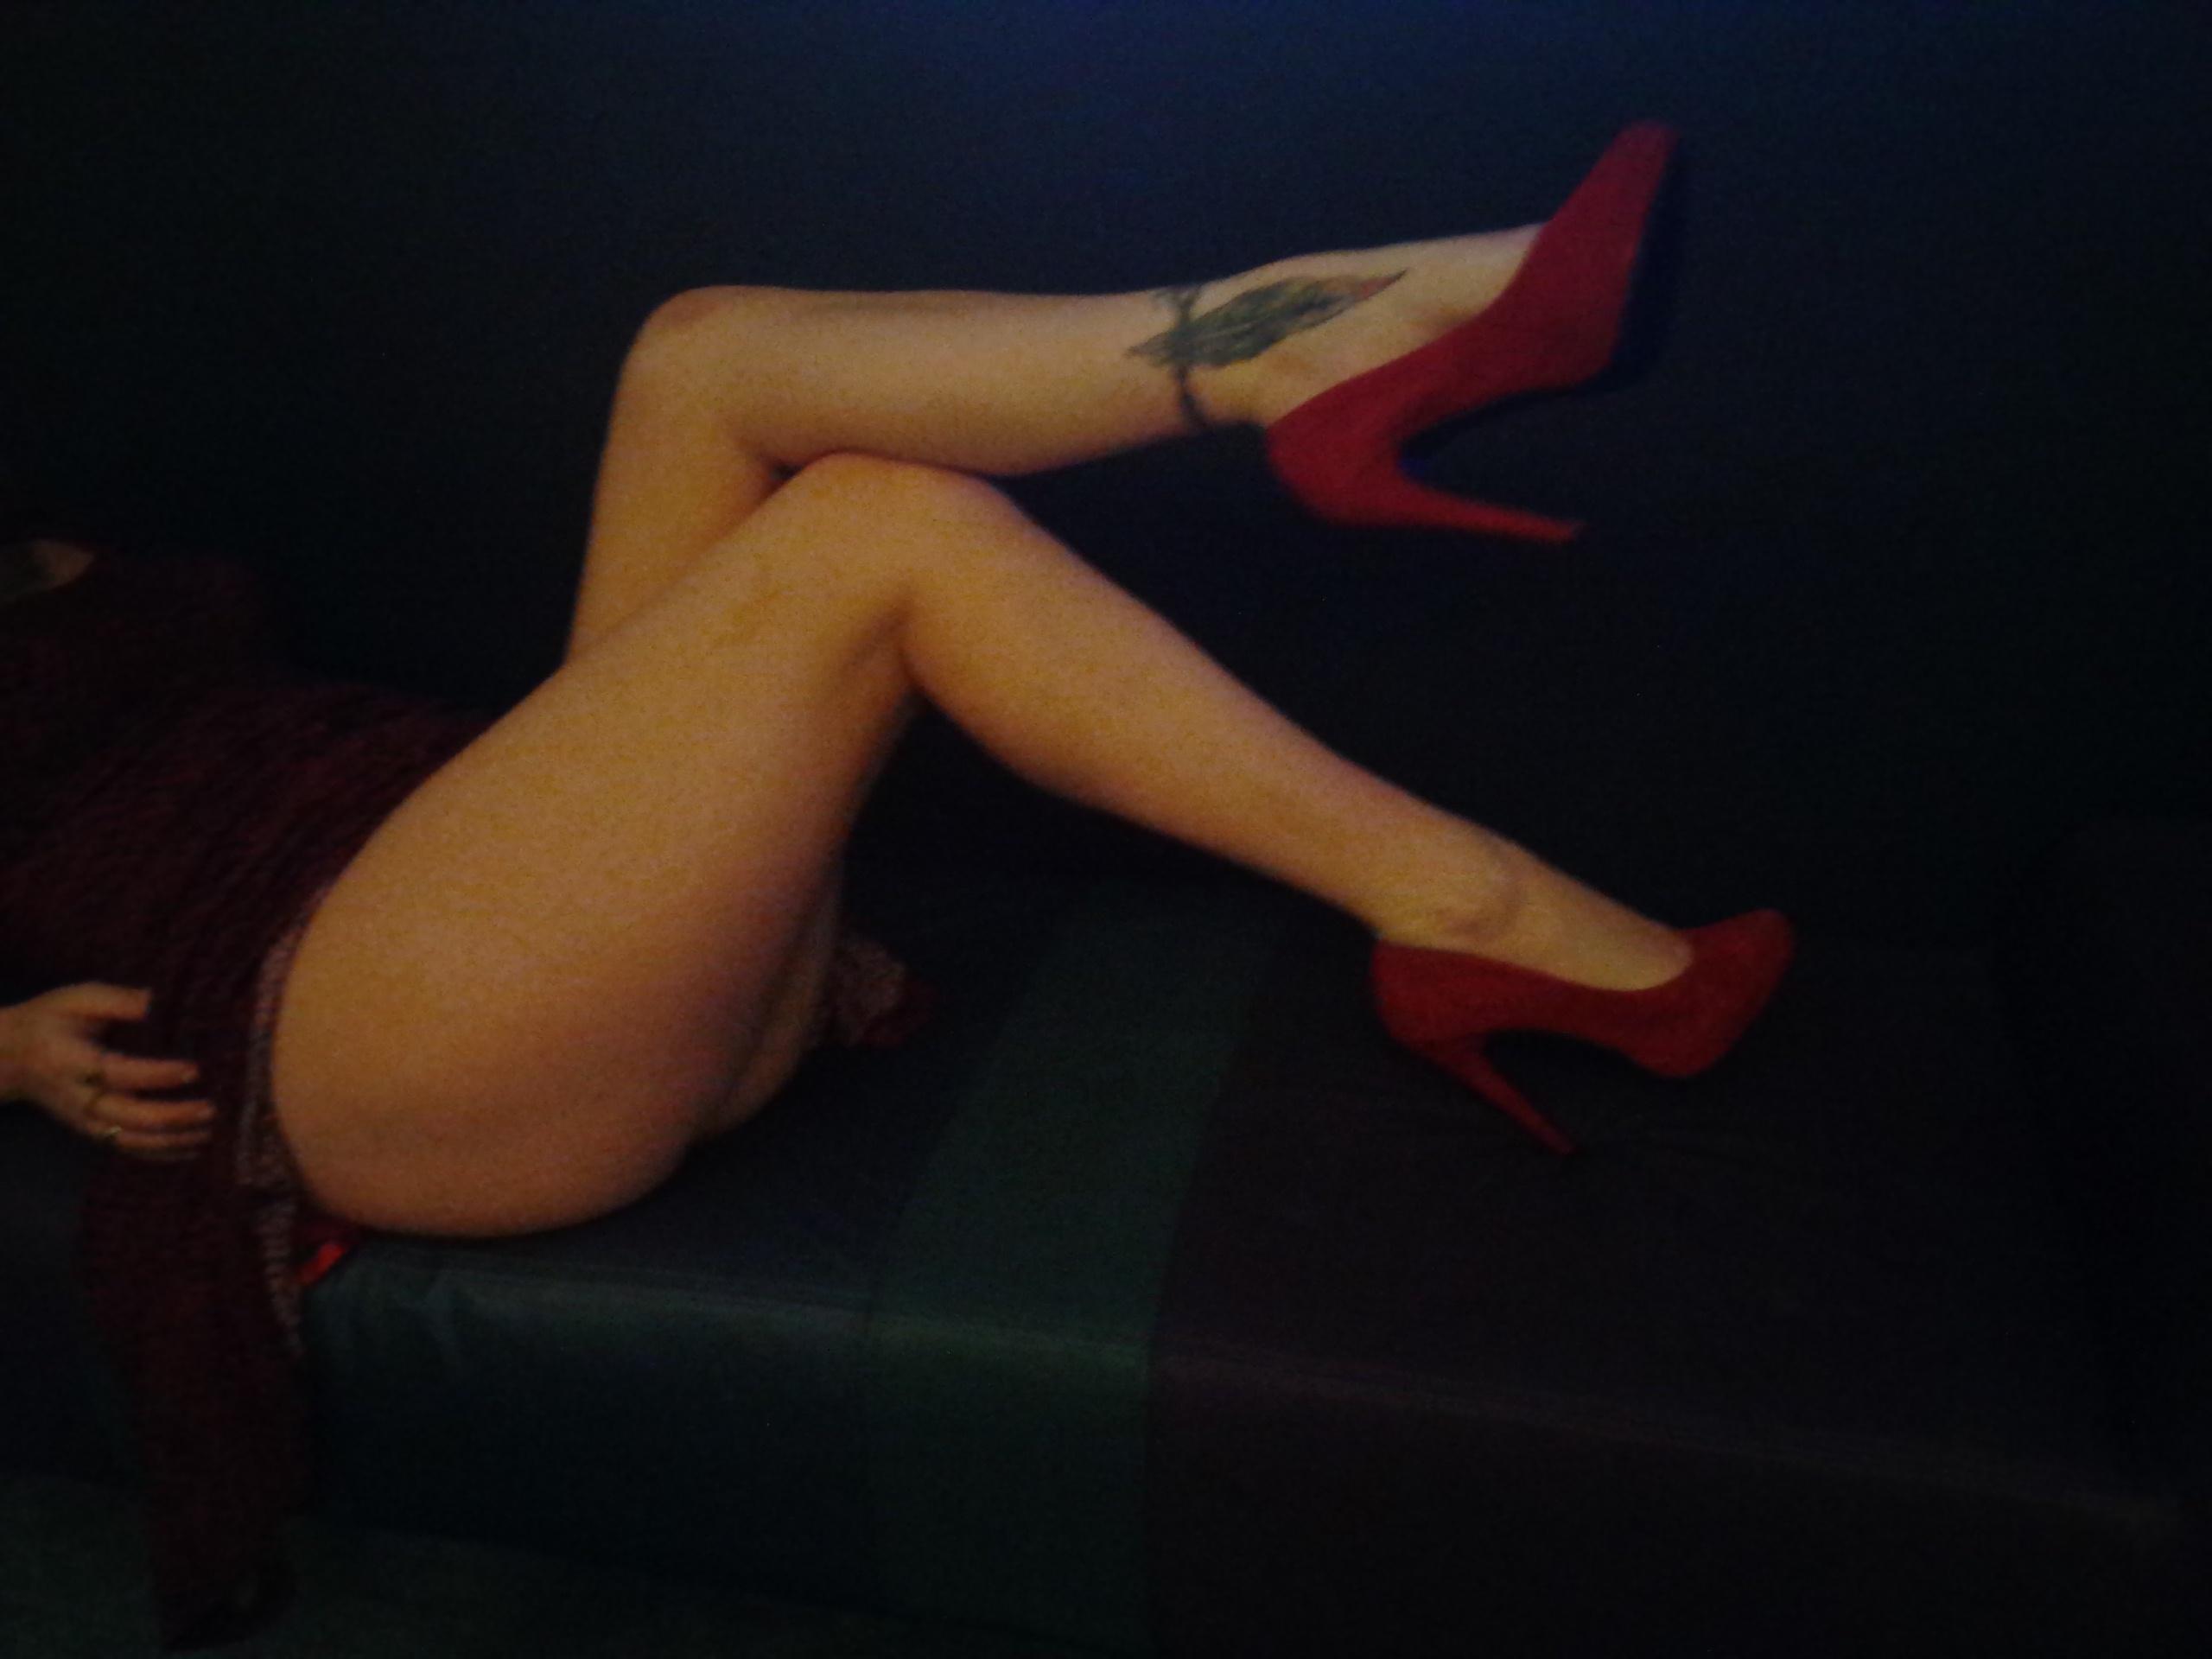 SexXxyBailey